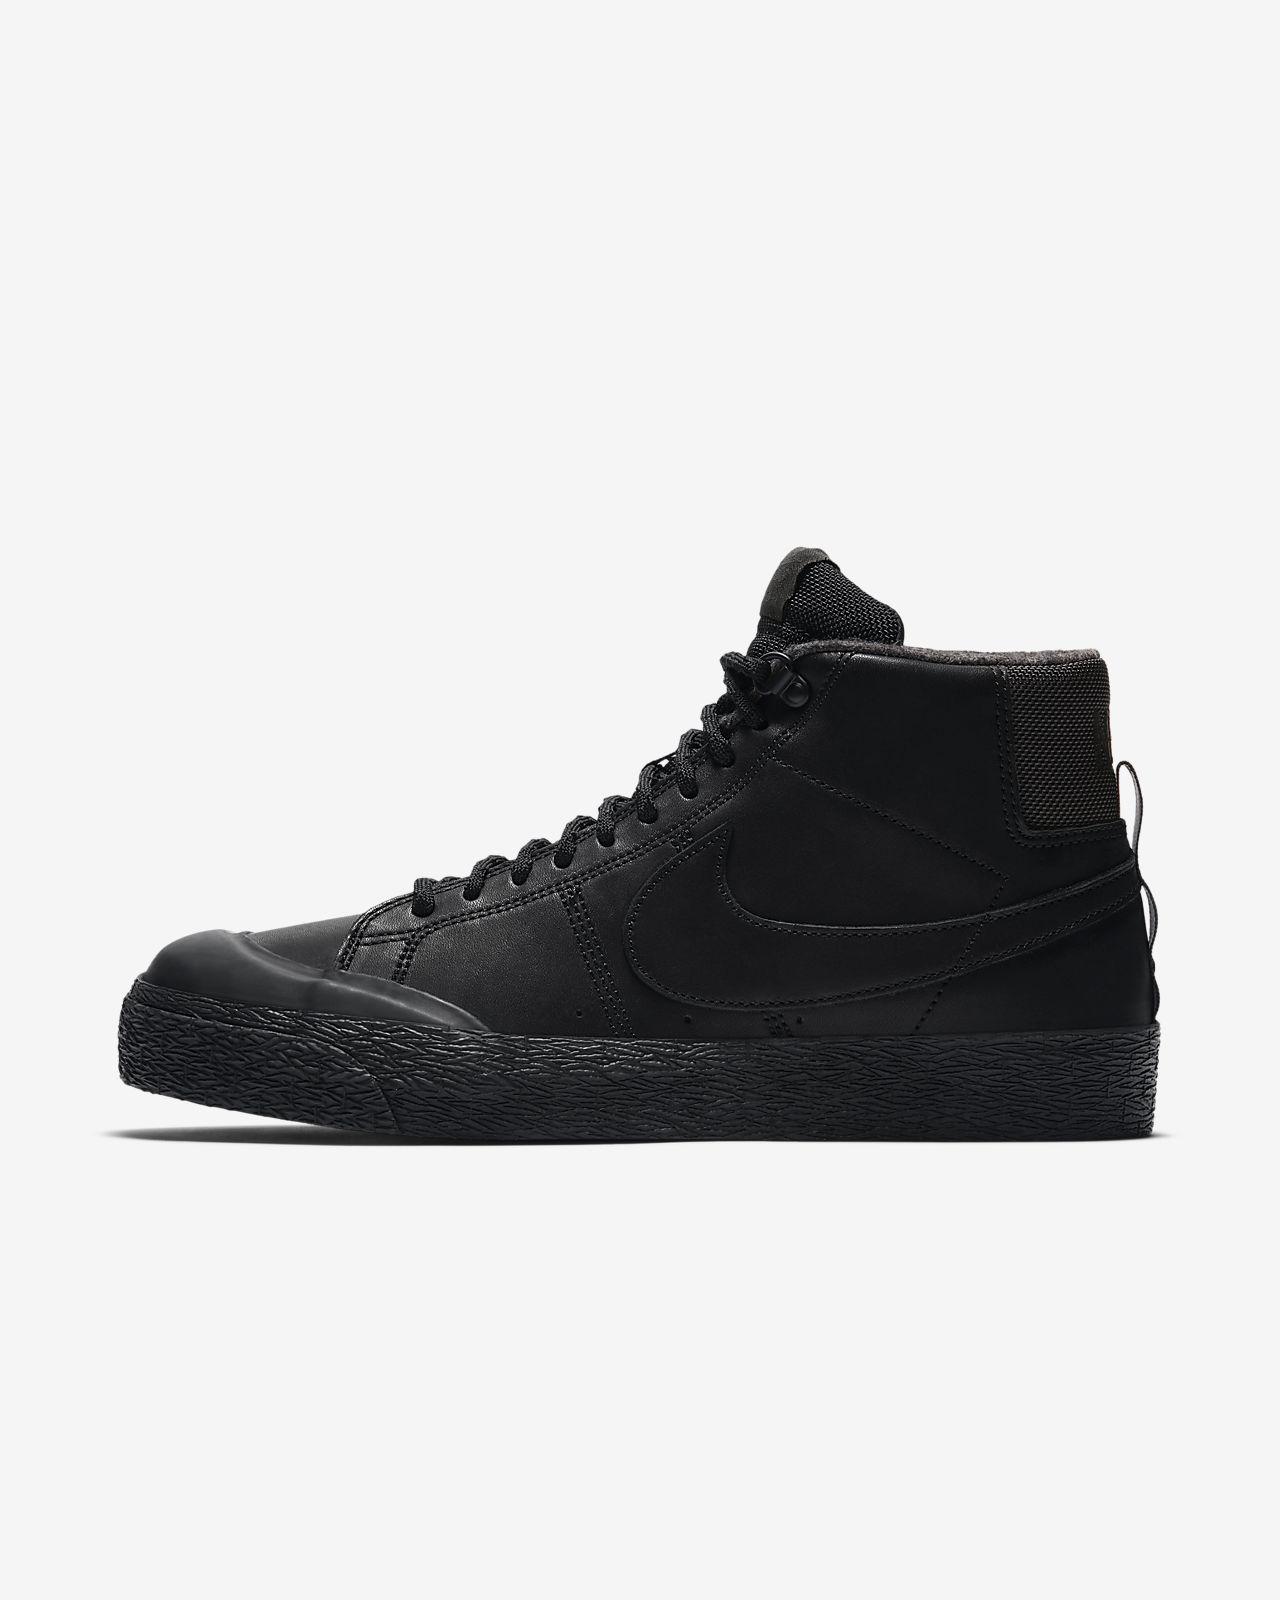 Blazer Nike Homme Jeune